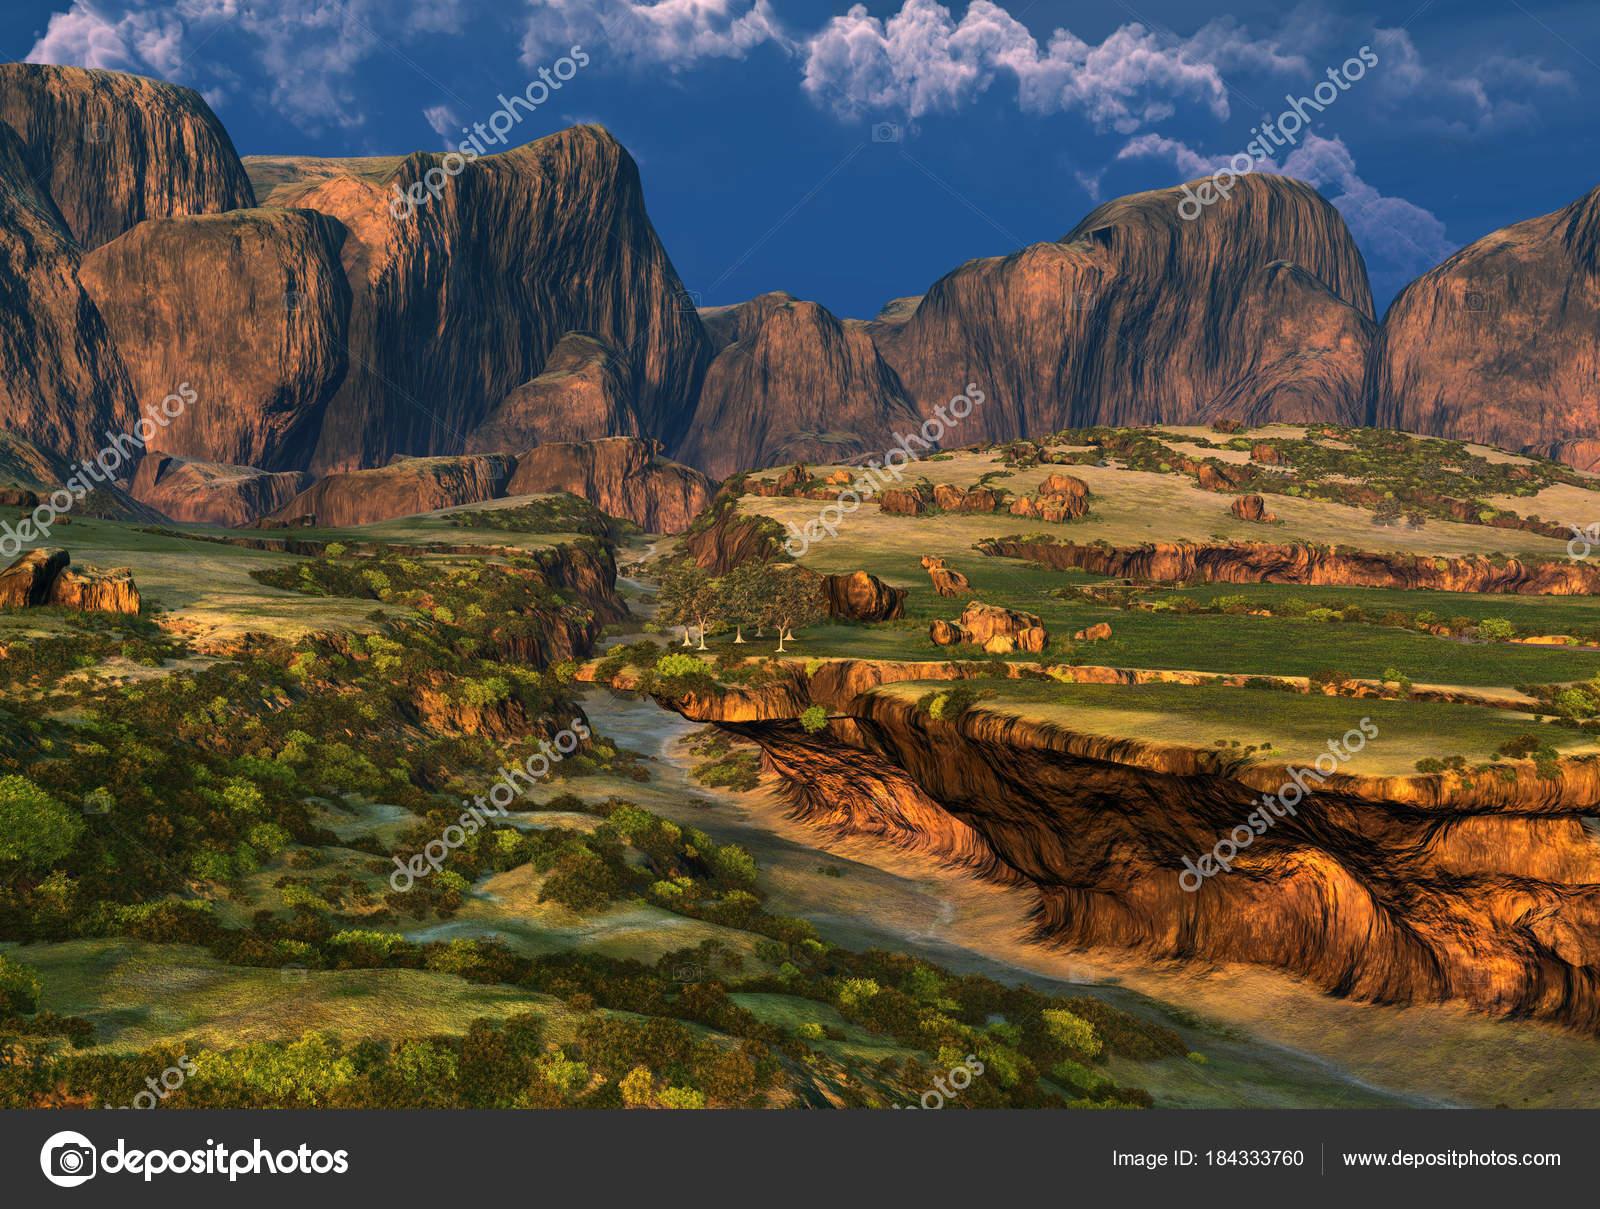 ロッキー ファンタジー風景 イラスト ストック写真 Diversepixel